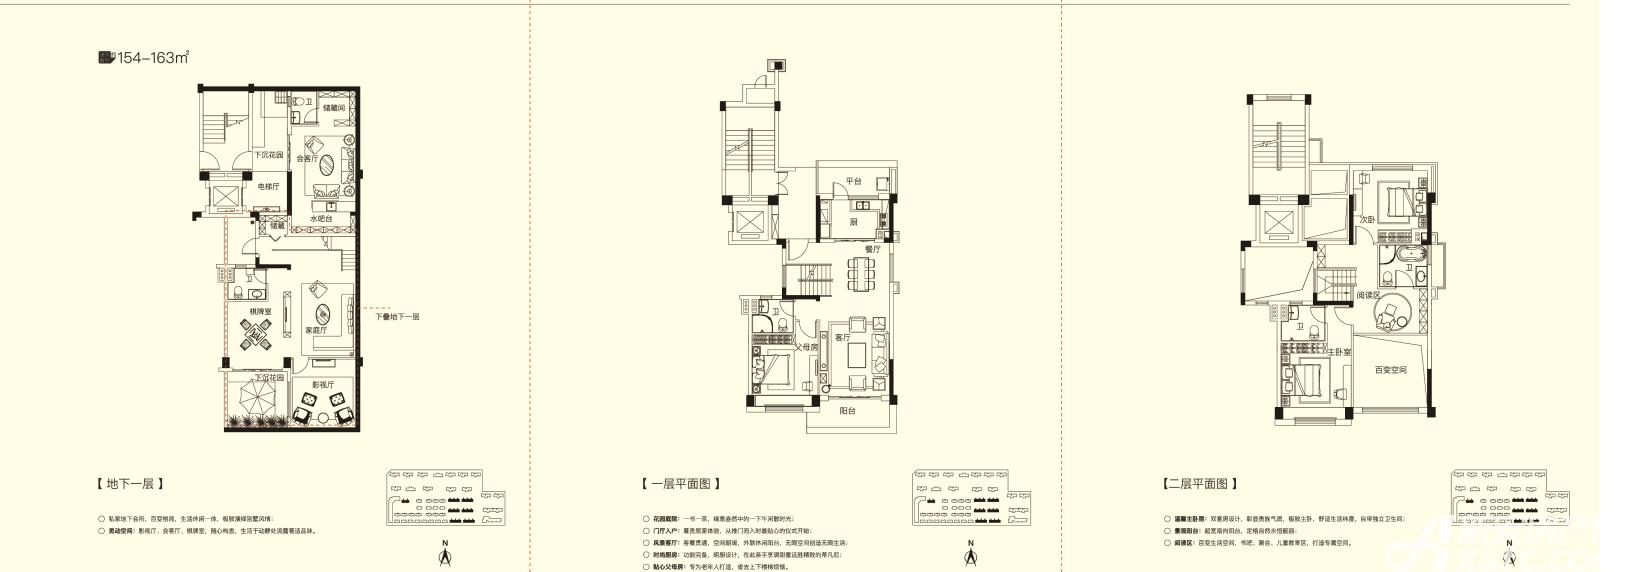 碧桂园仕府公馆154-163下4室2厅163平米